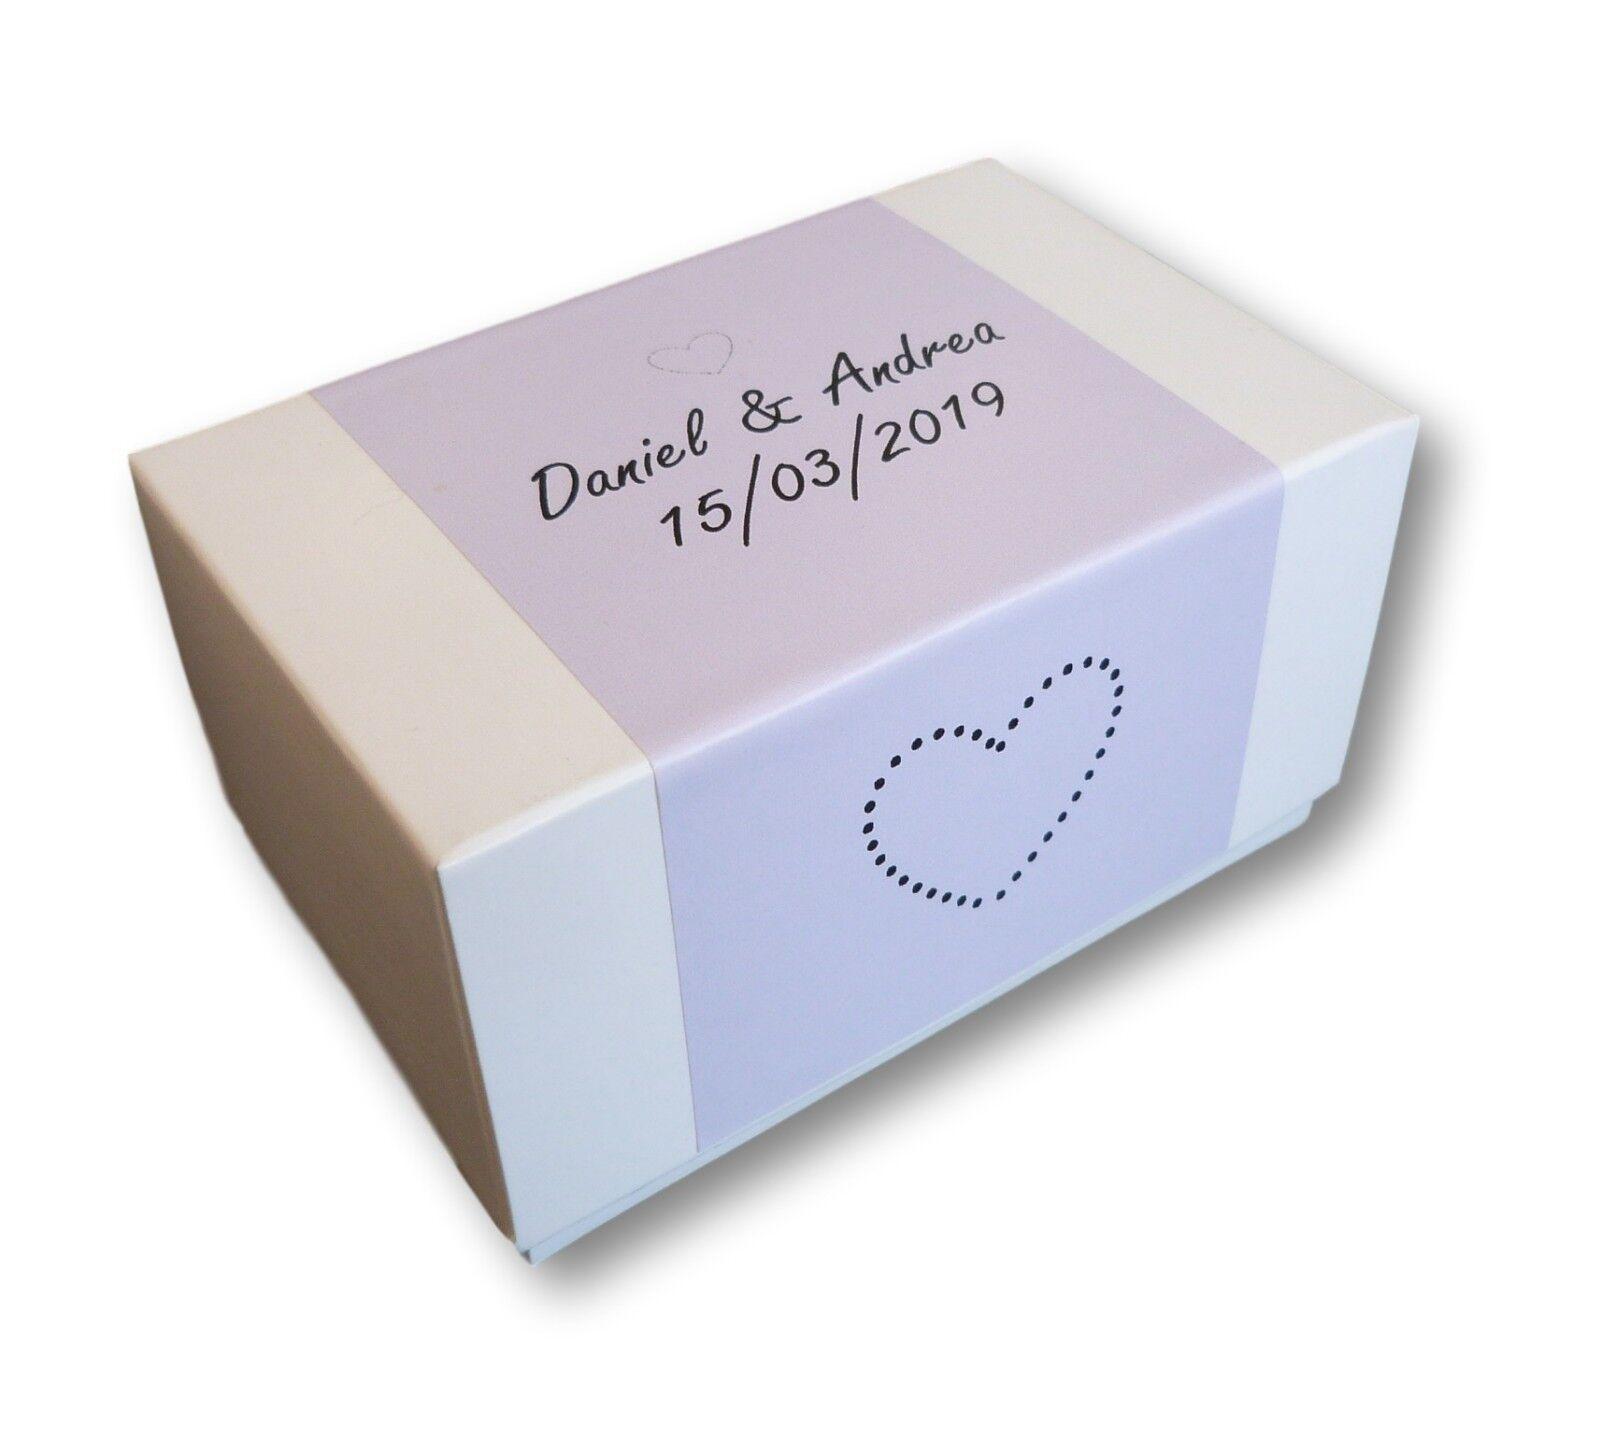 100 X ETICHETTE LILLA BIANCO BOX, Matrimonio, Torta di compleanno, scatole, su misura personalizzata